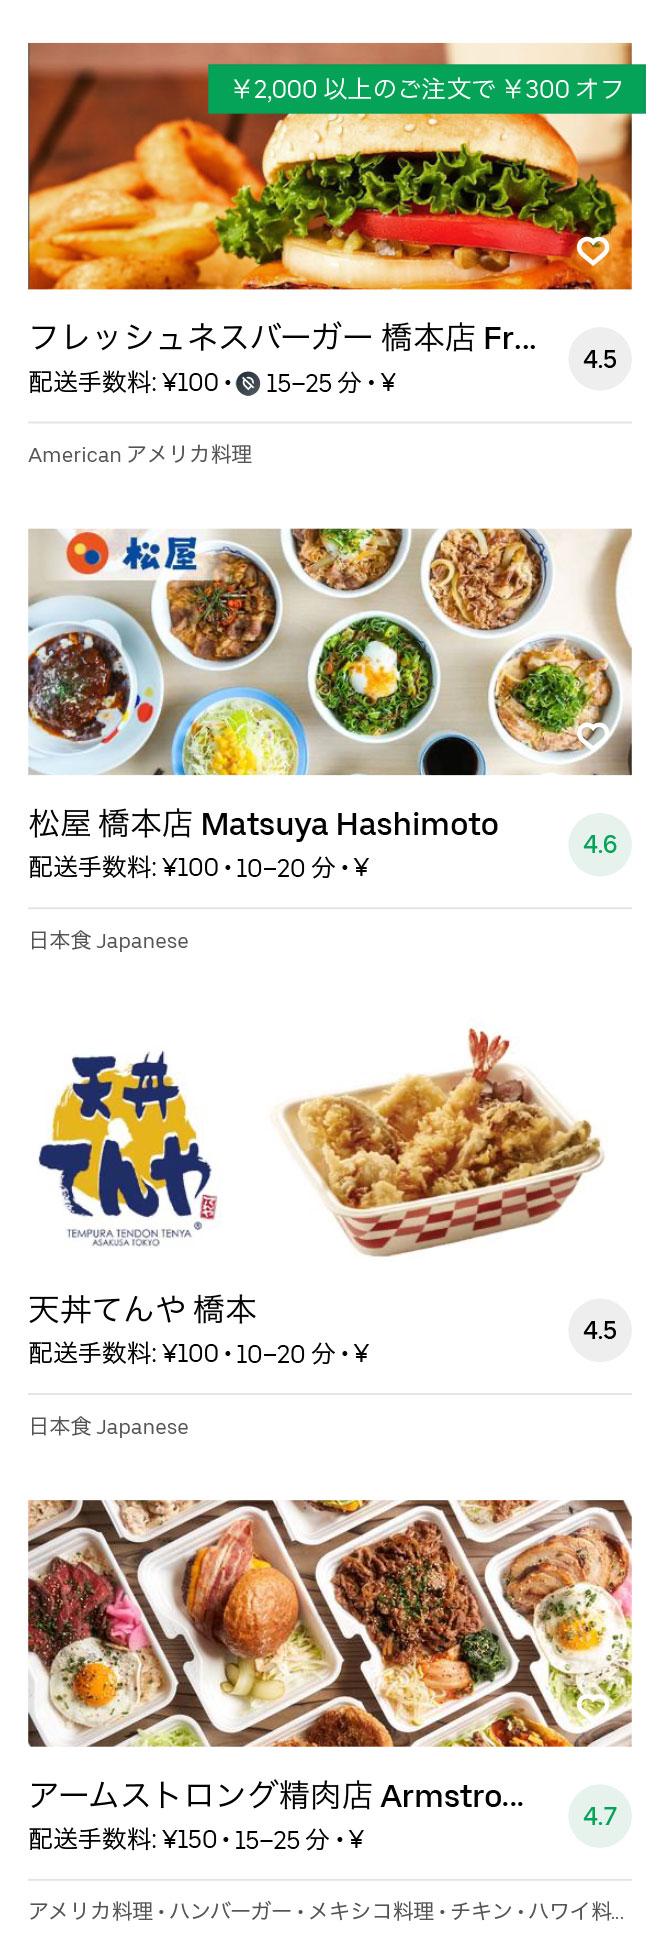 Hashimoto menu 2008 04